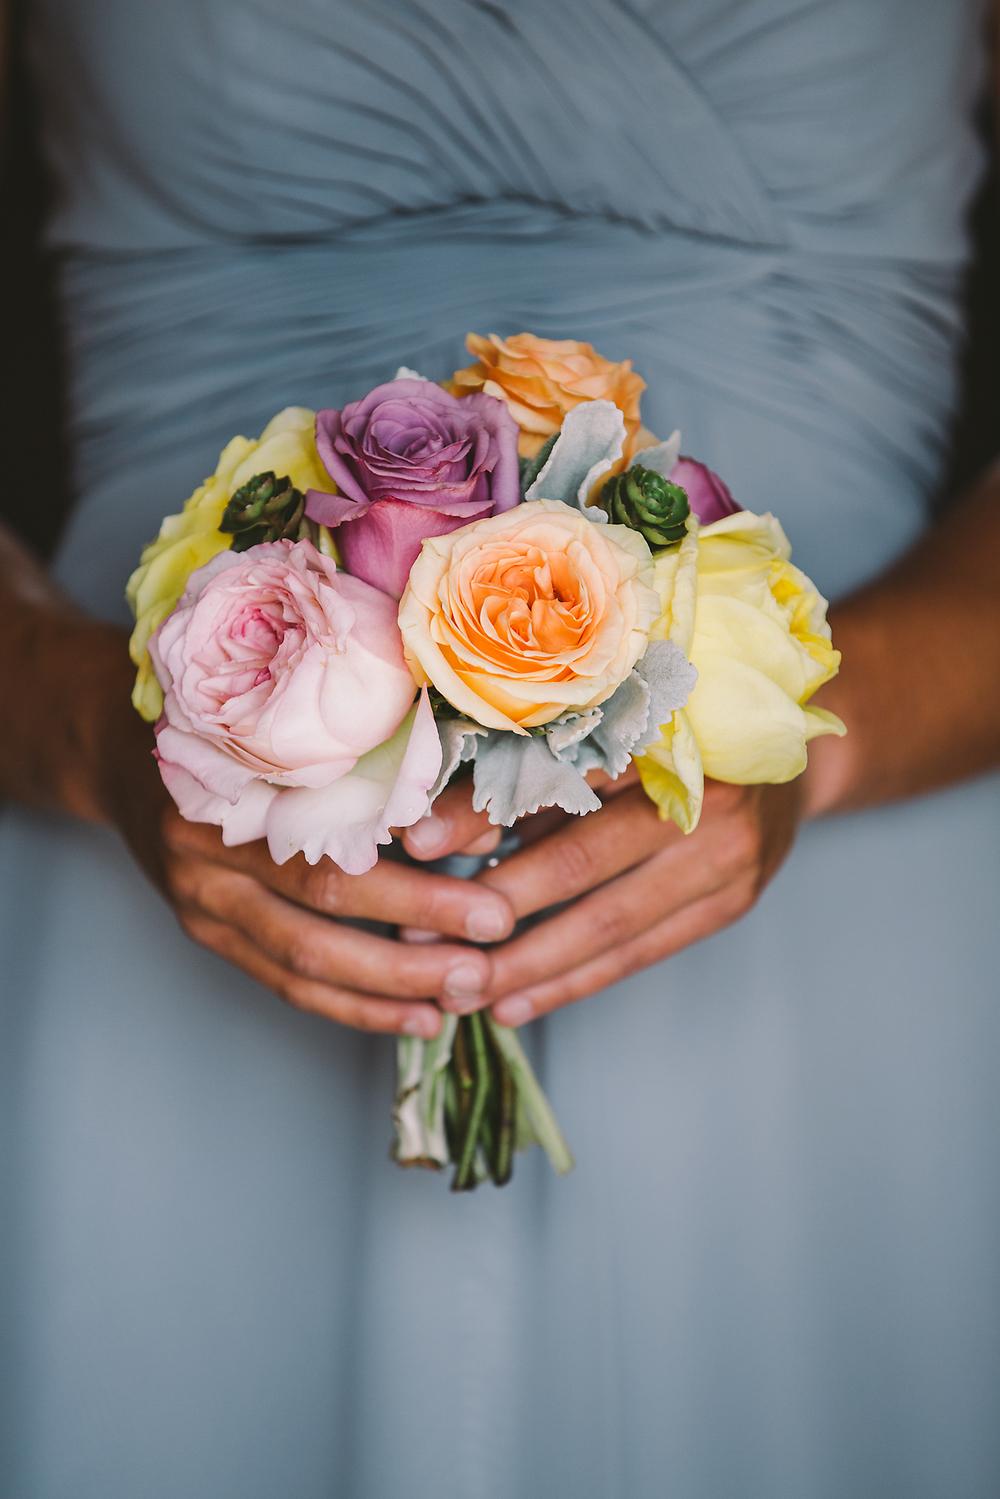 brett-birdsong-photography-082814-bridesmaid-bouquet.jpg